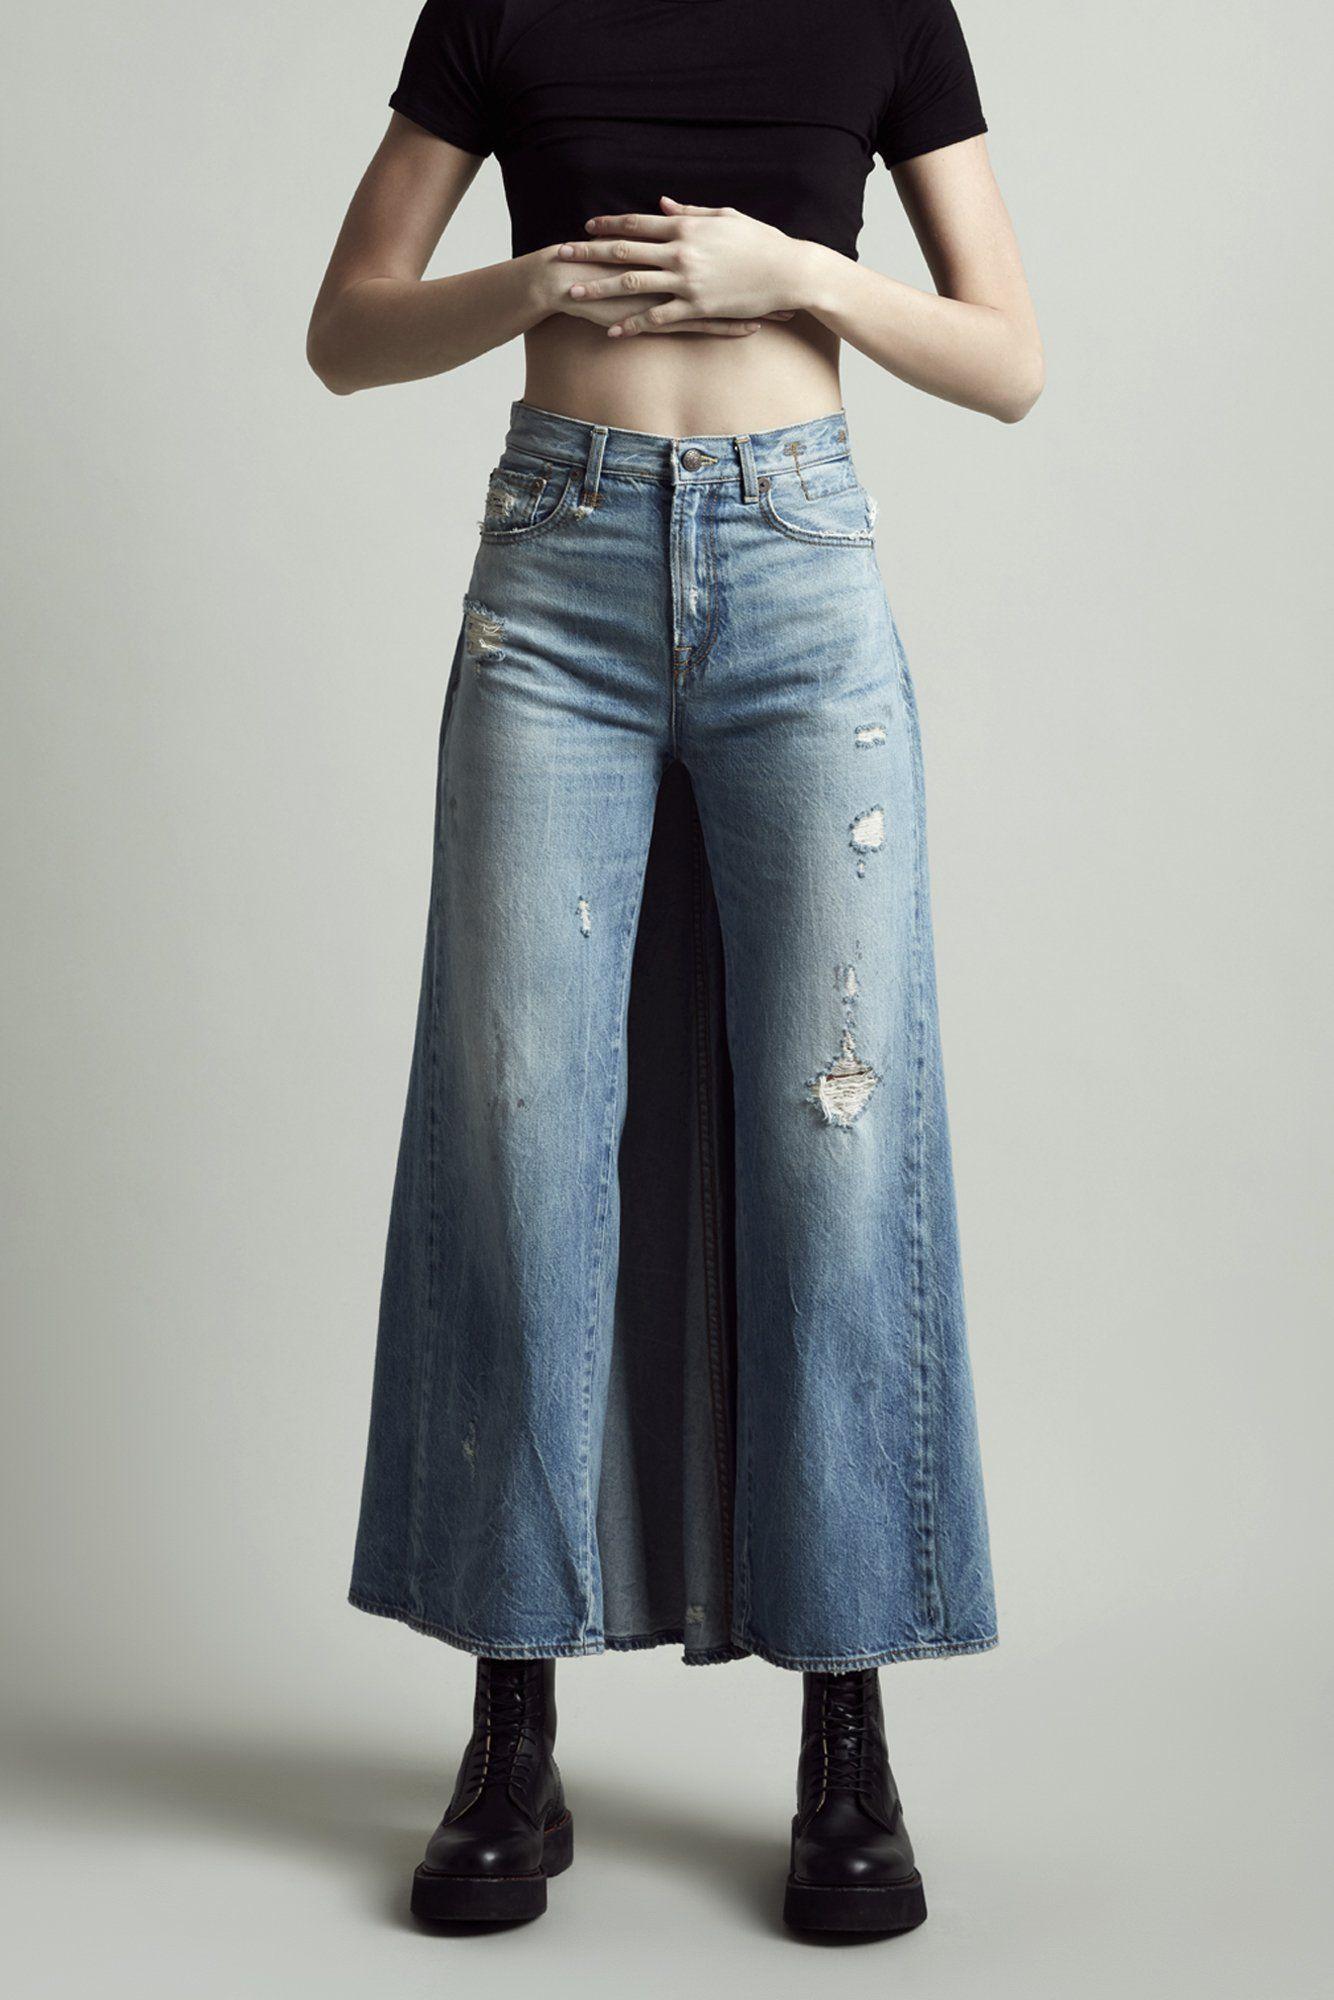 e44b6e9c33 Skirted Jean - Holly | DENIM ♡ in 2019 | Jean skirt, R13 denim, Skirts